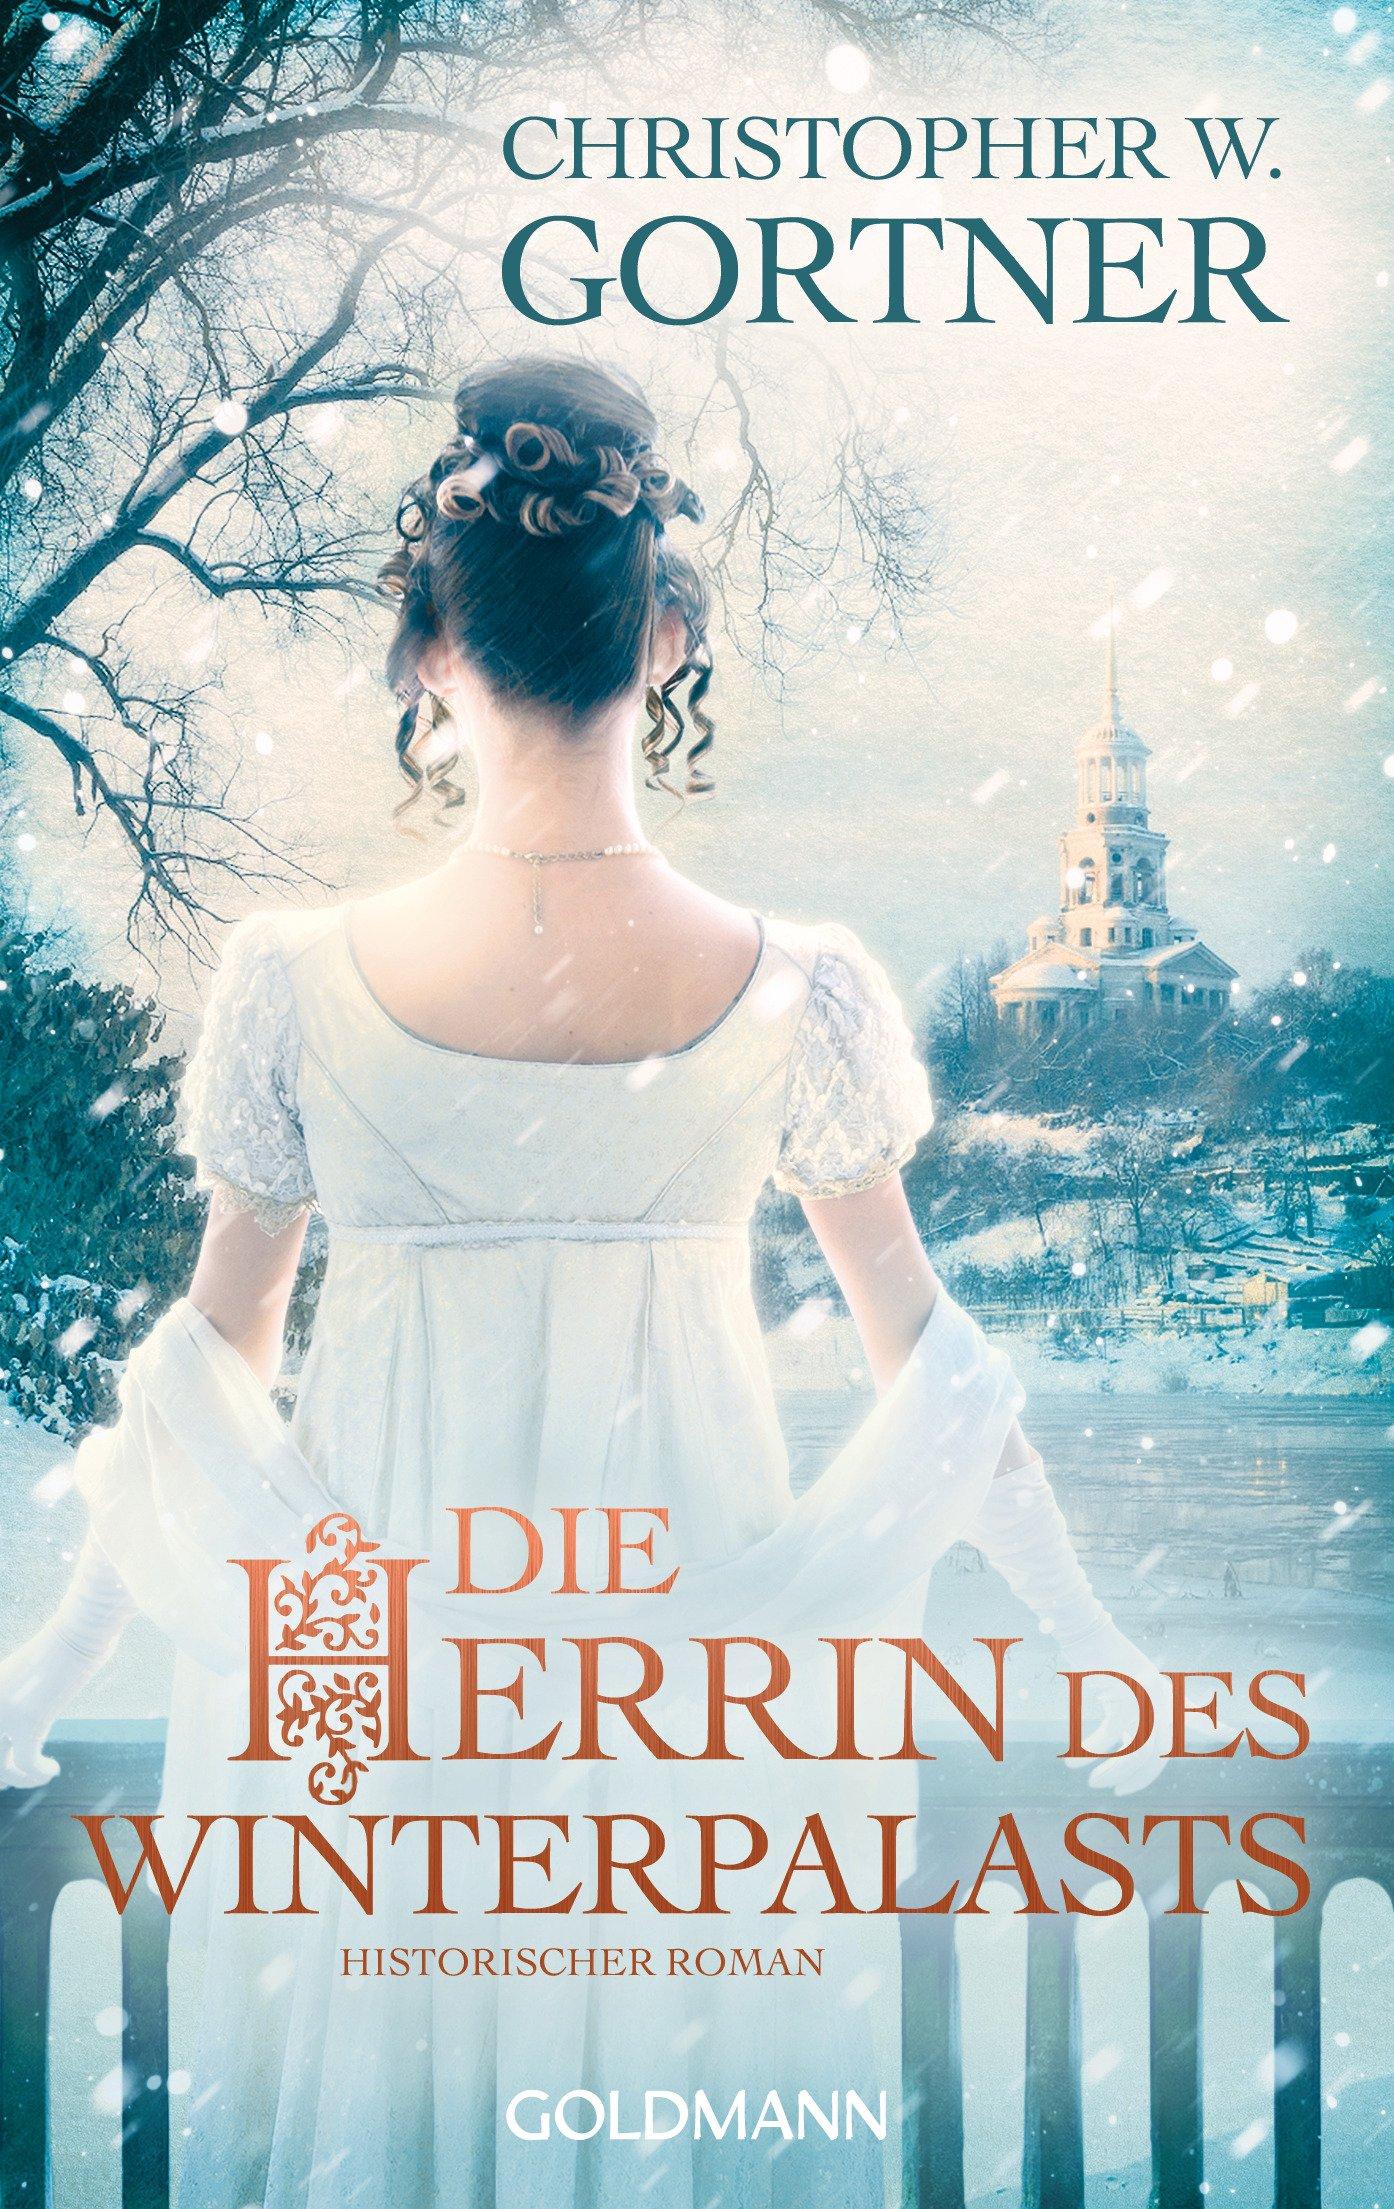 die-herrin-des-winterpalasts-historischer-roman